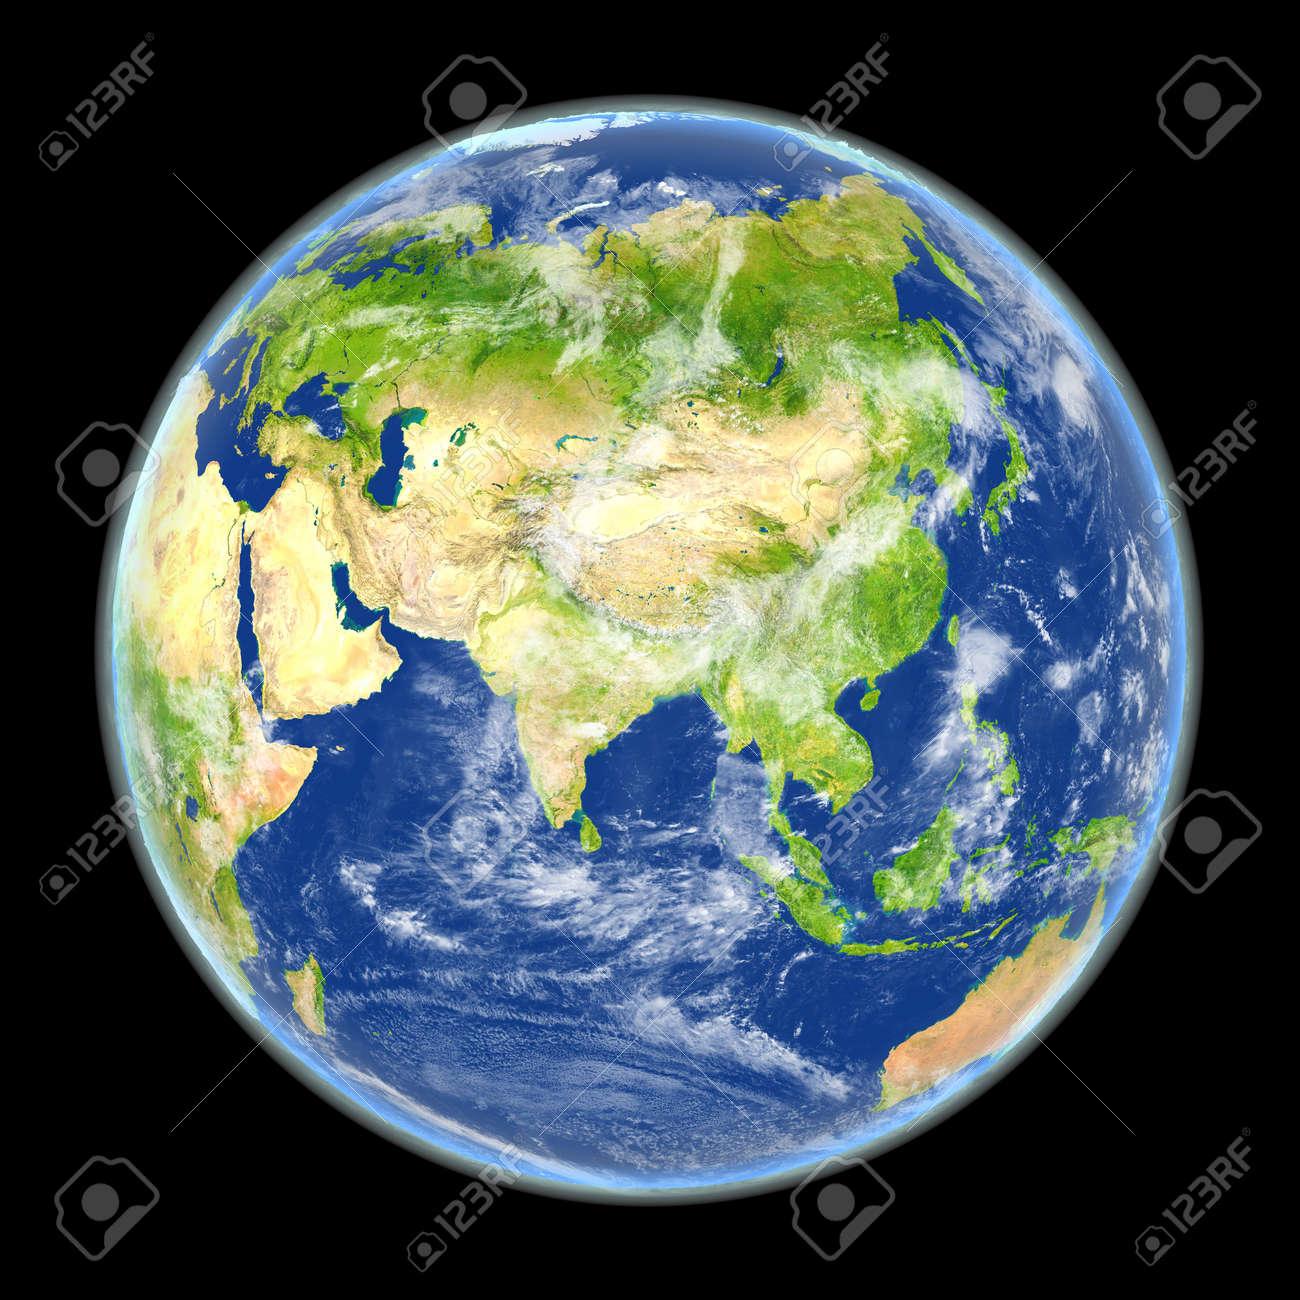 Vista Satelital De Asia En El Planeta Tierra Ilustración 3d Con